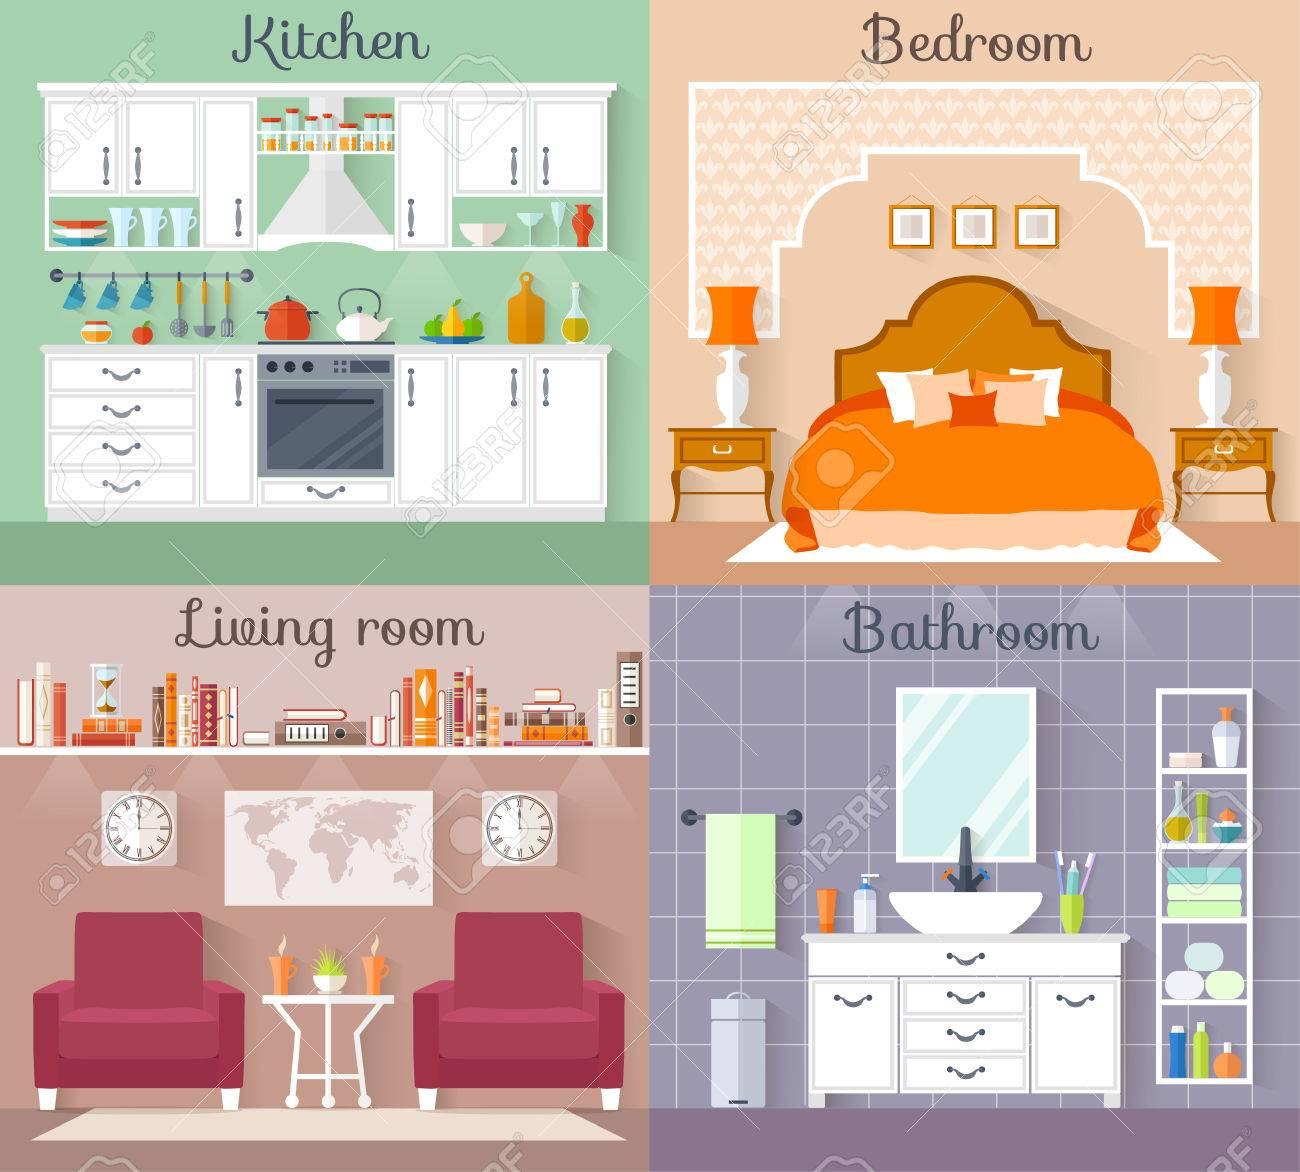 Fesselnd Set Interieur Mit Möbeln Und Geräten. Entwerfen Sie Ein Wohnzimmer, Küche,  Bad,